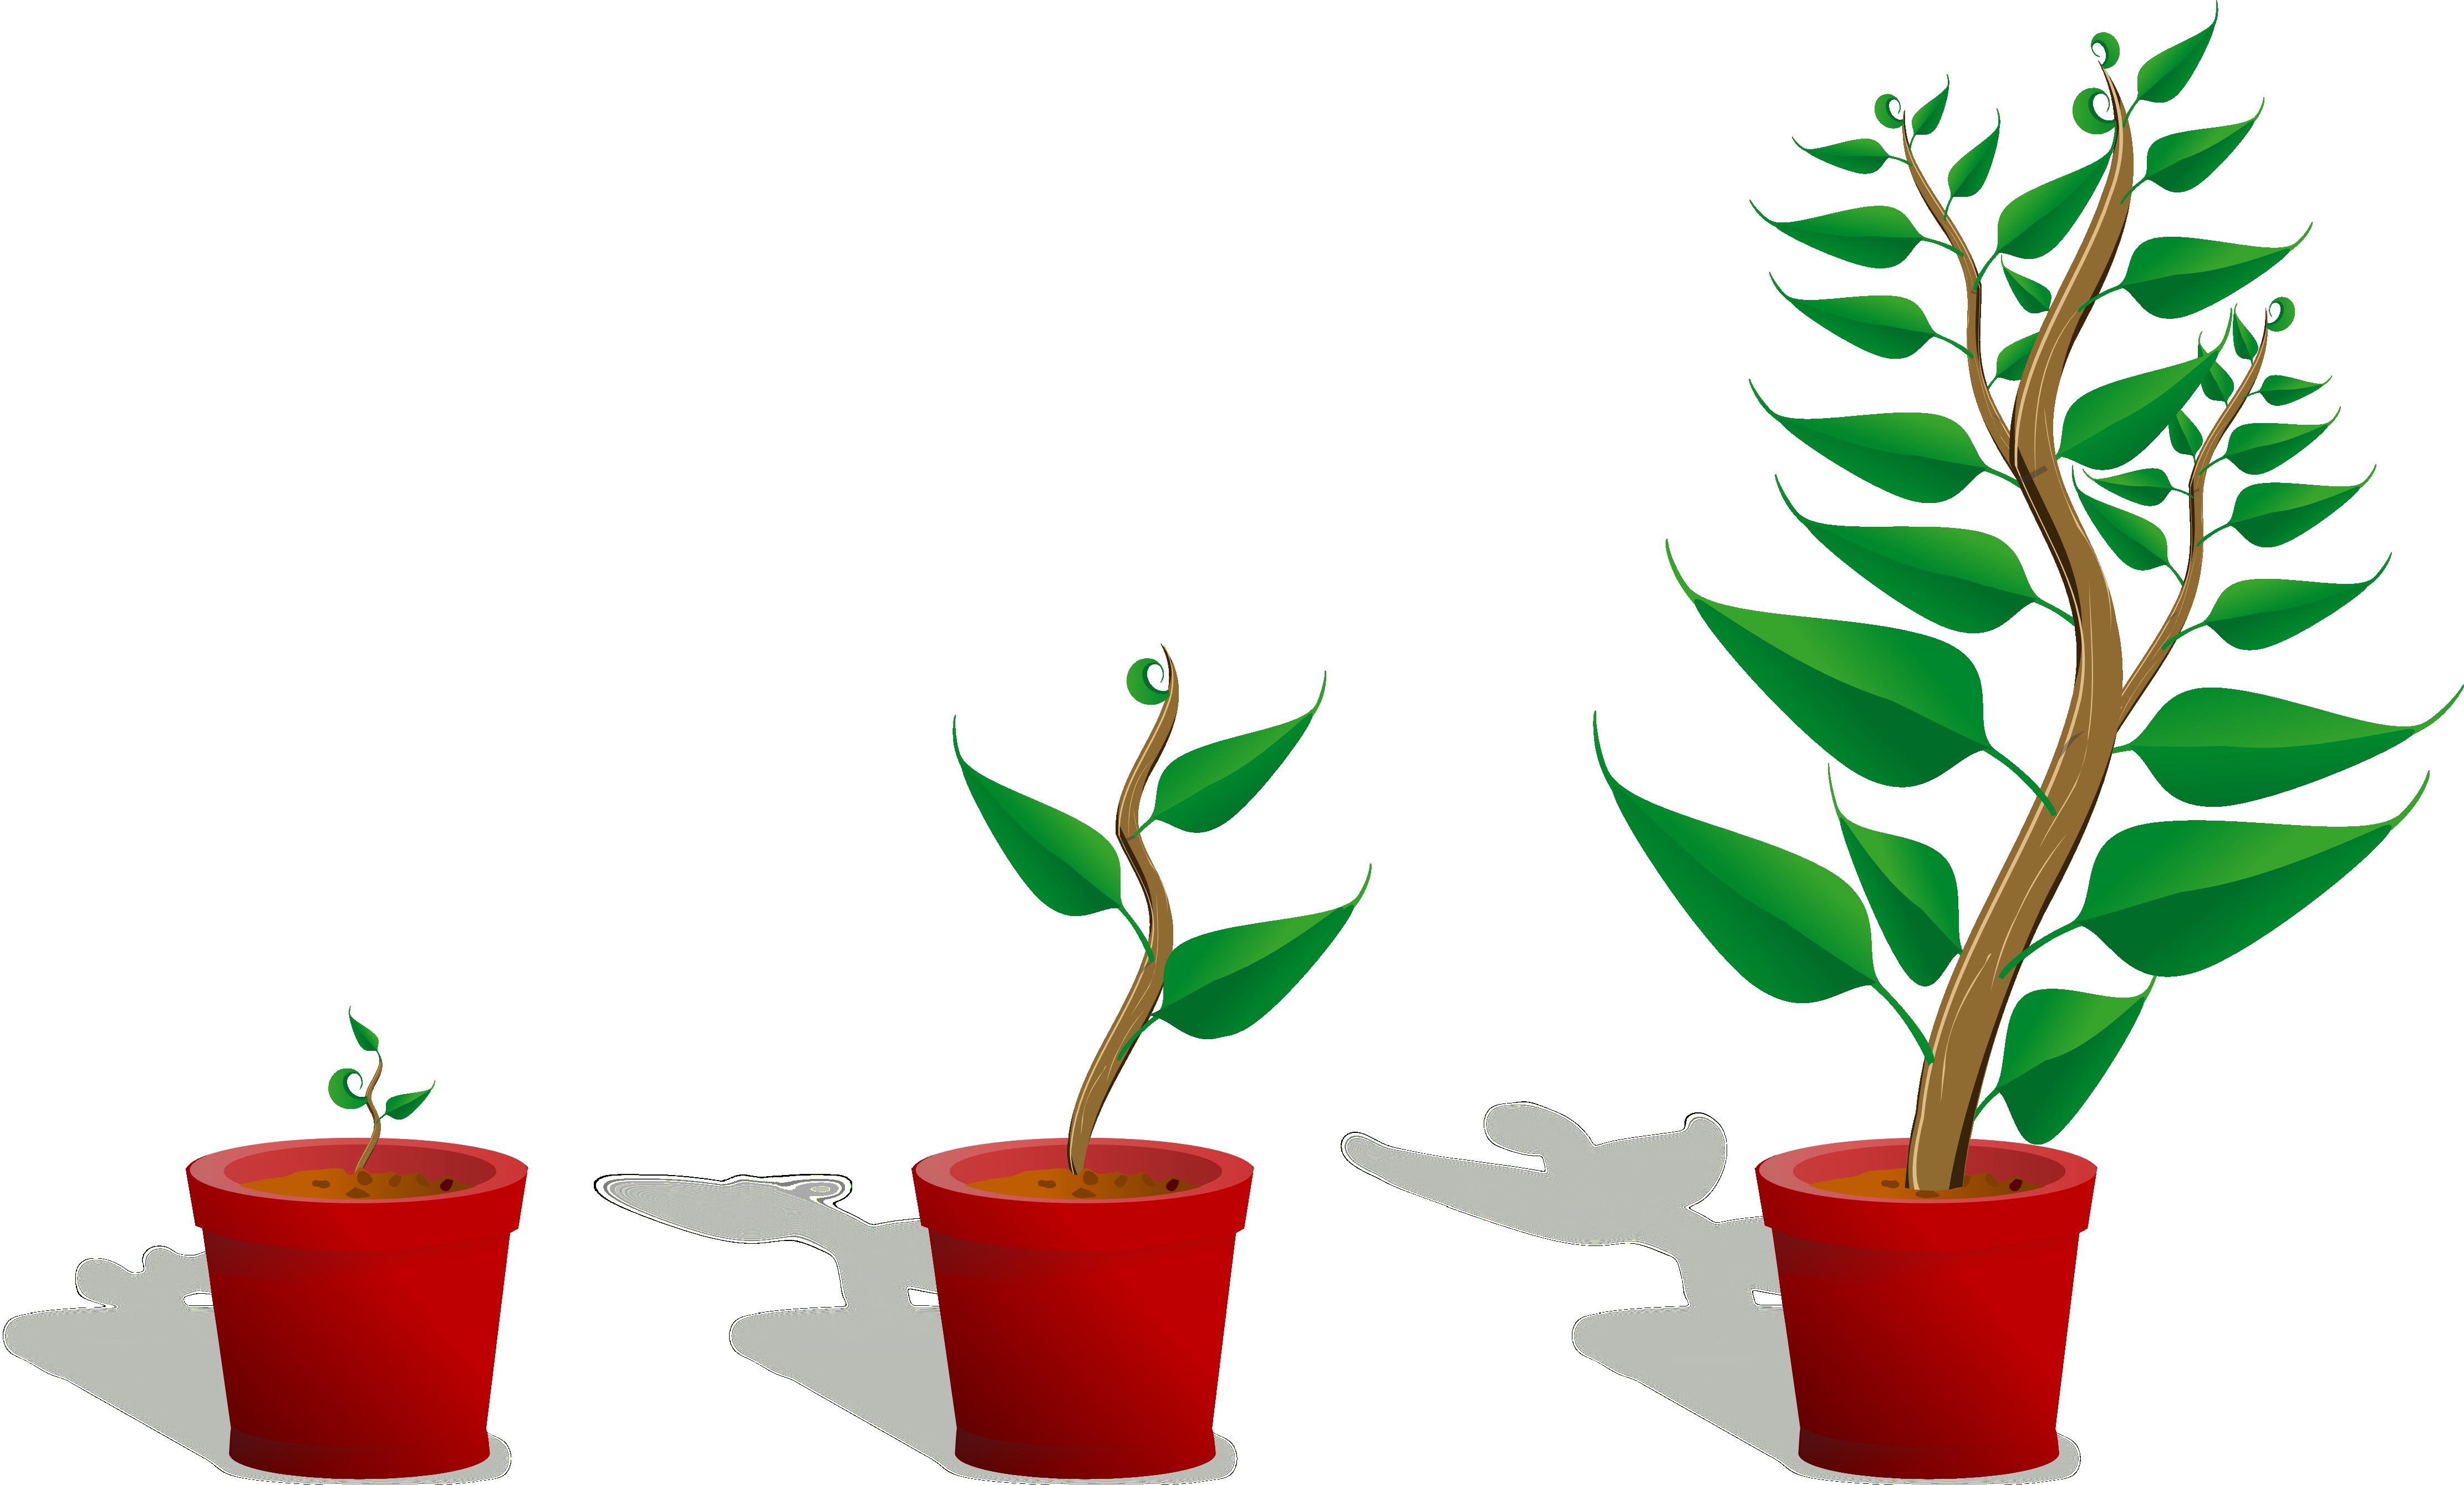 Gardening clipart vegetable garden. Top growing plant clip